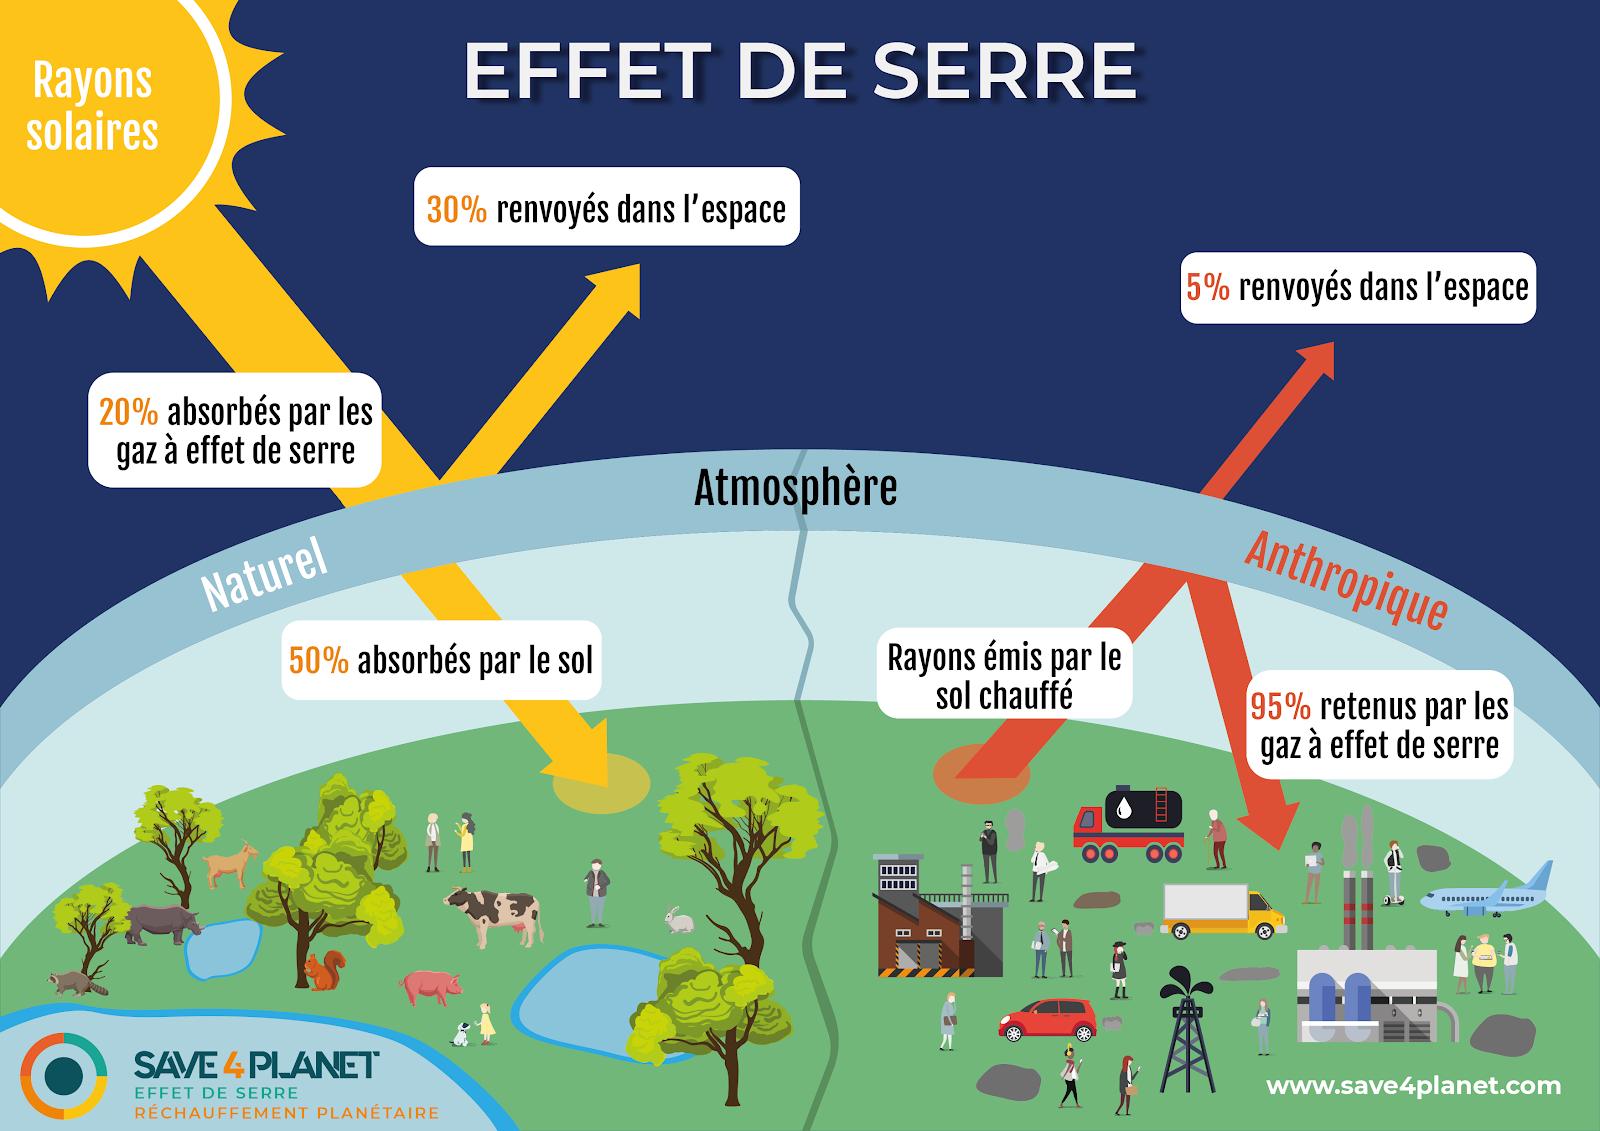 Comment les changements affectent-ils les personnes et l'environnement?